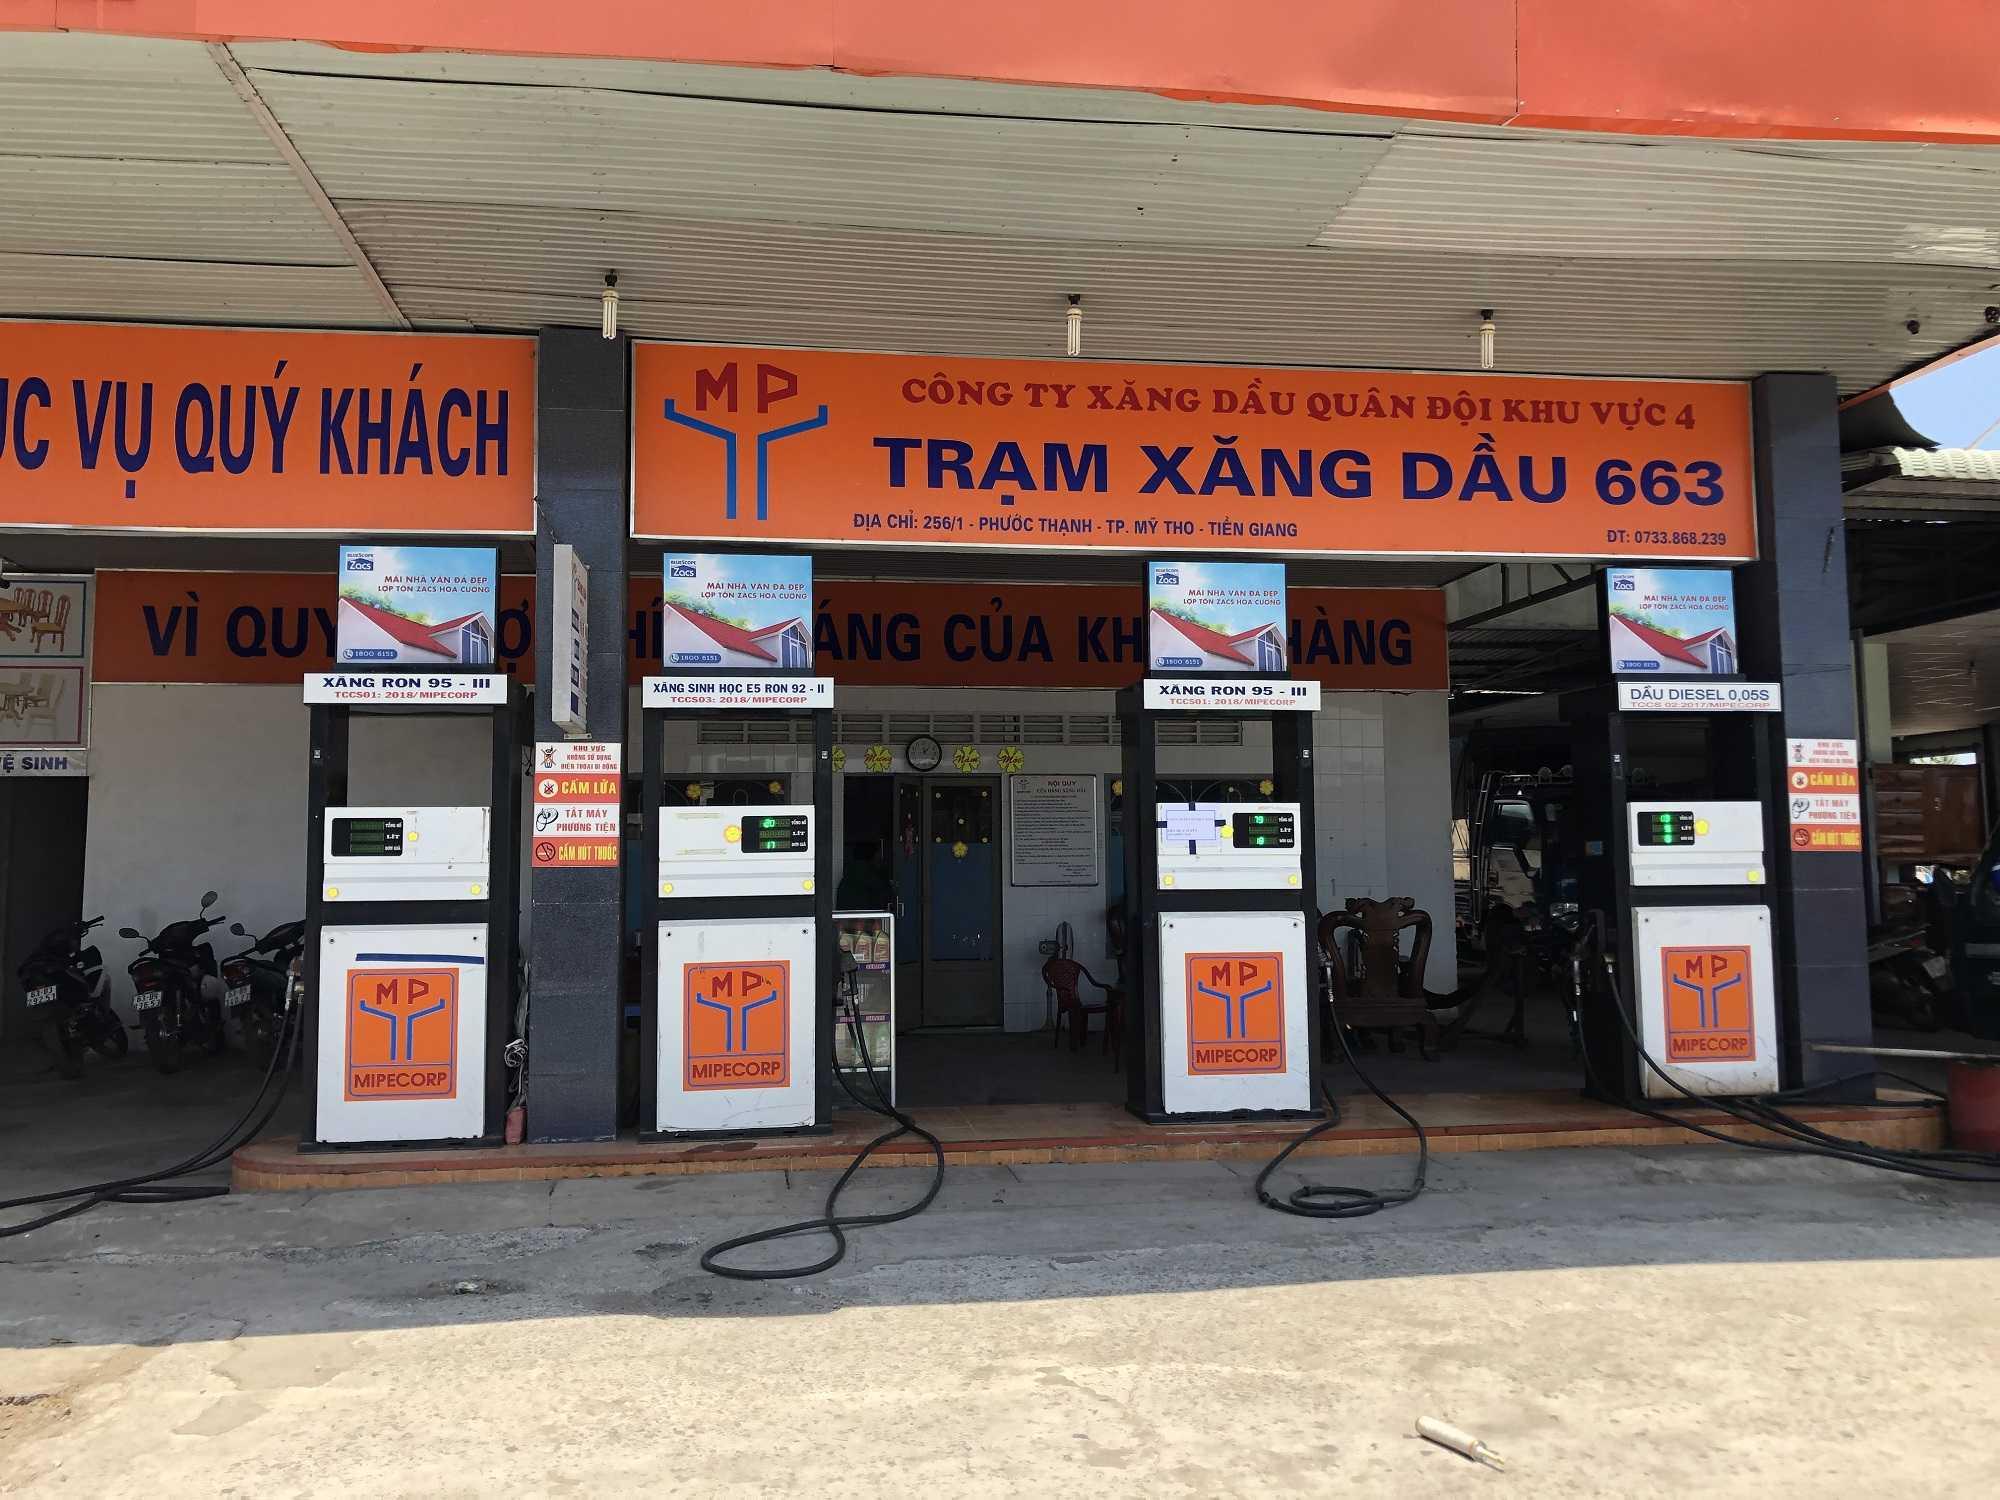 Quảng cáo CHXD 663 256/1, Phước Thạnh, Tp Mỹ Tho, Tiền Giang